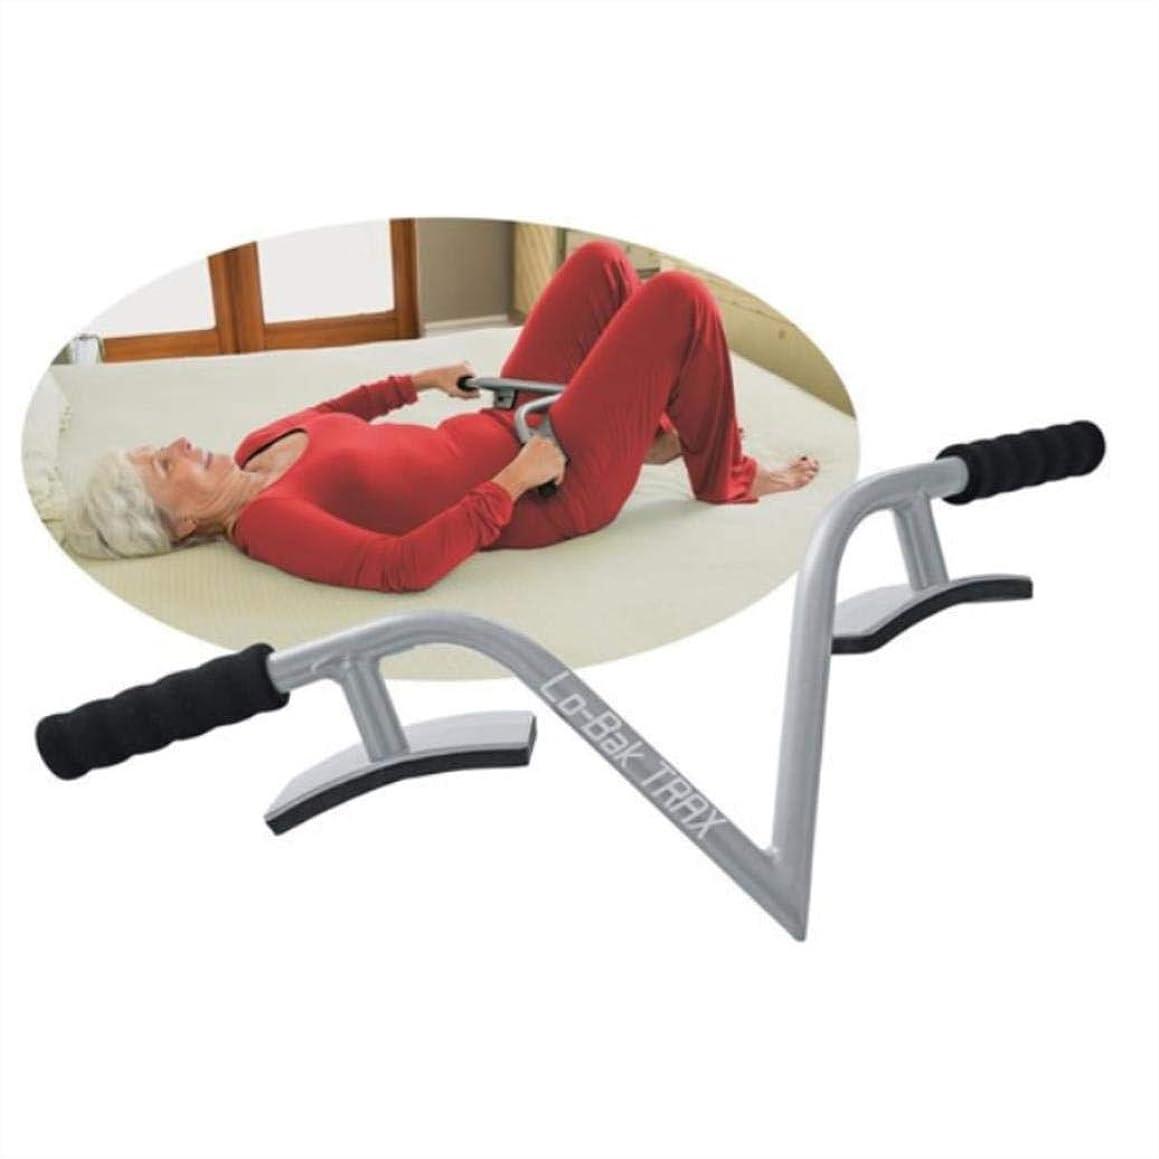 干し草消化器ページェントZISHINEポータブル脊椎牽引装置イージーコンフォート&FDA登録済み